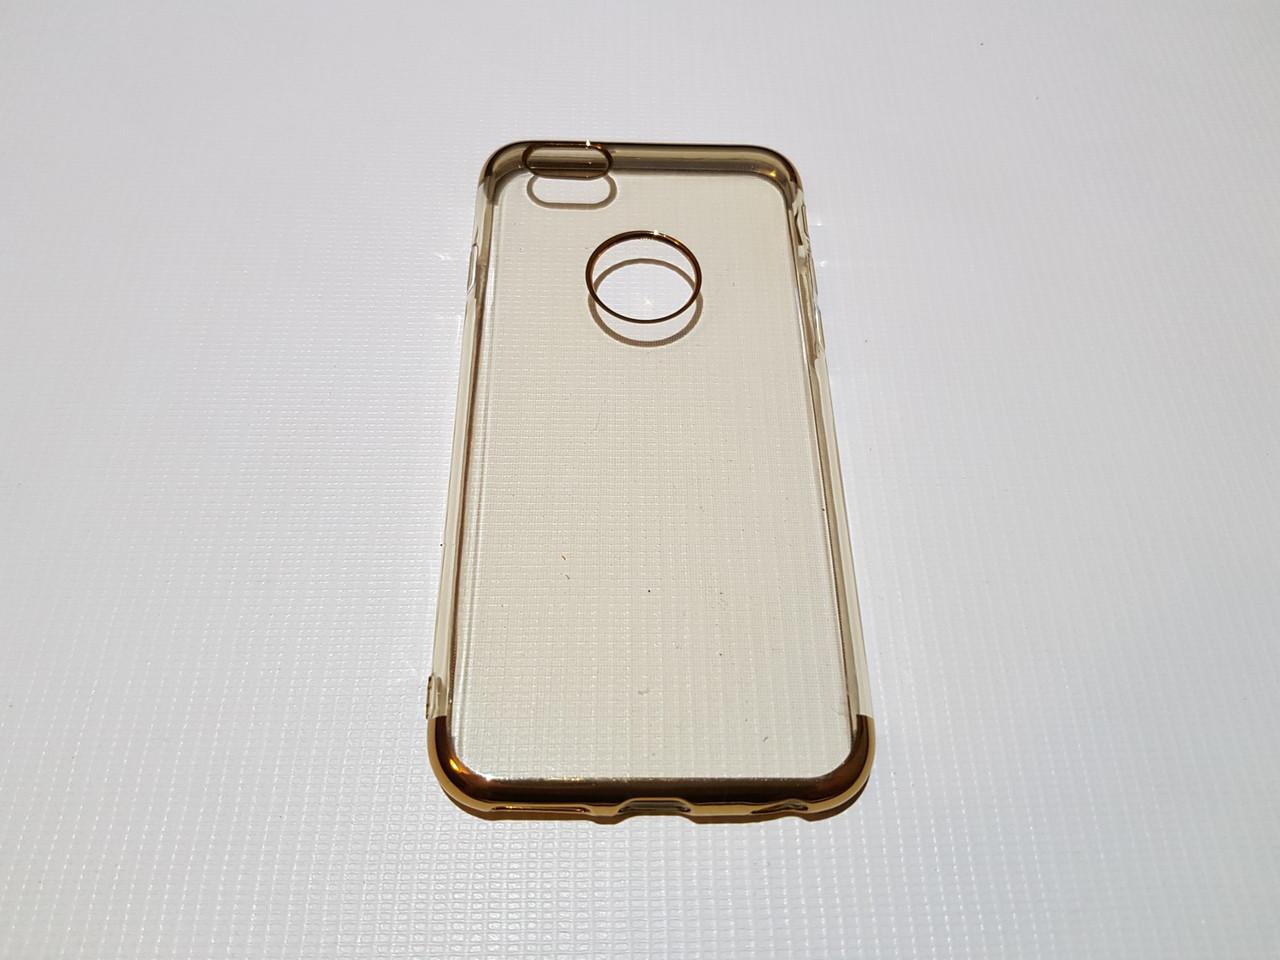 Силиконовый чехол бампер для IPhone 6, 6s с золотым ободком